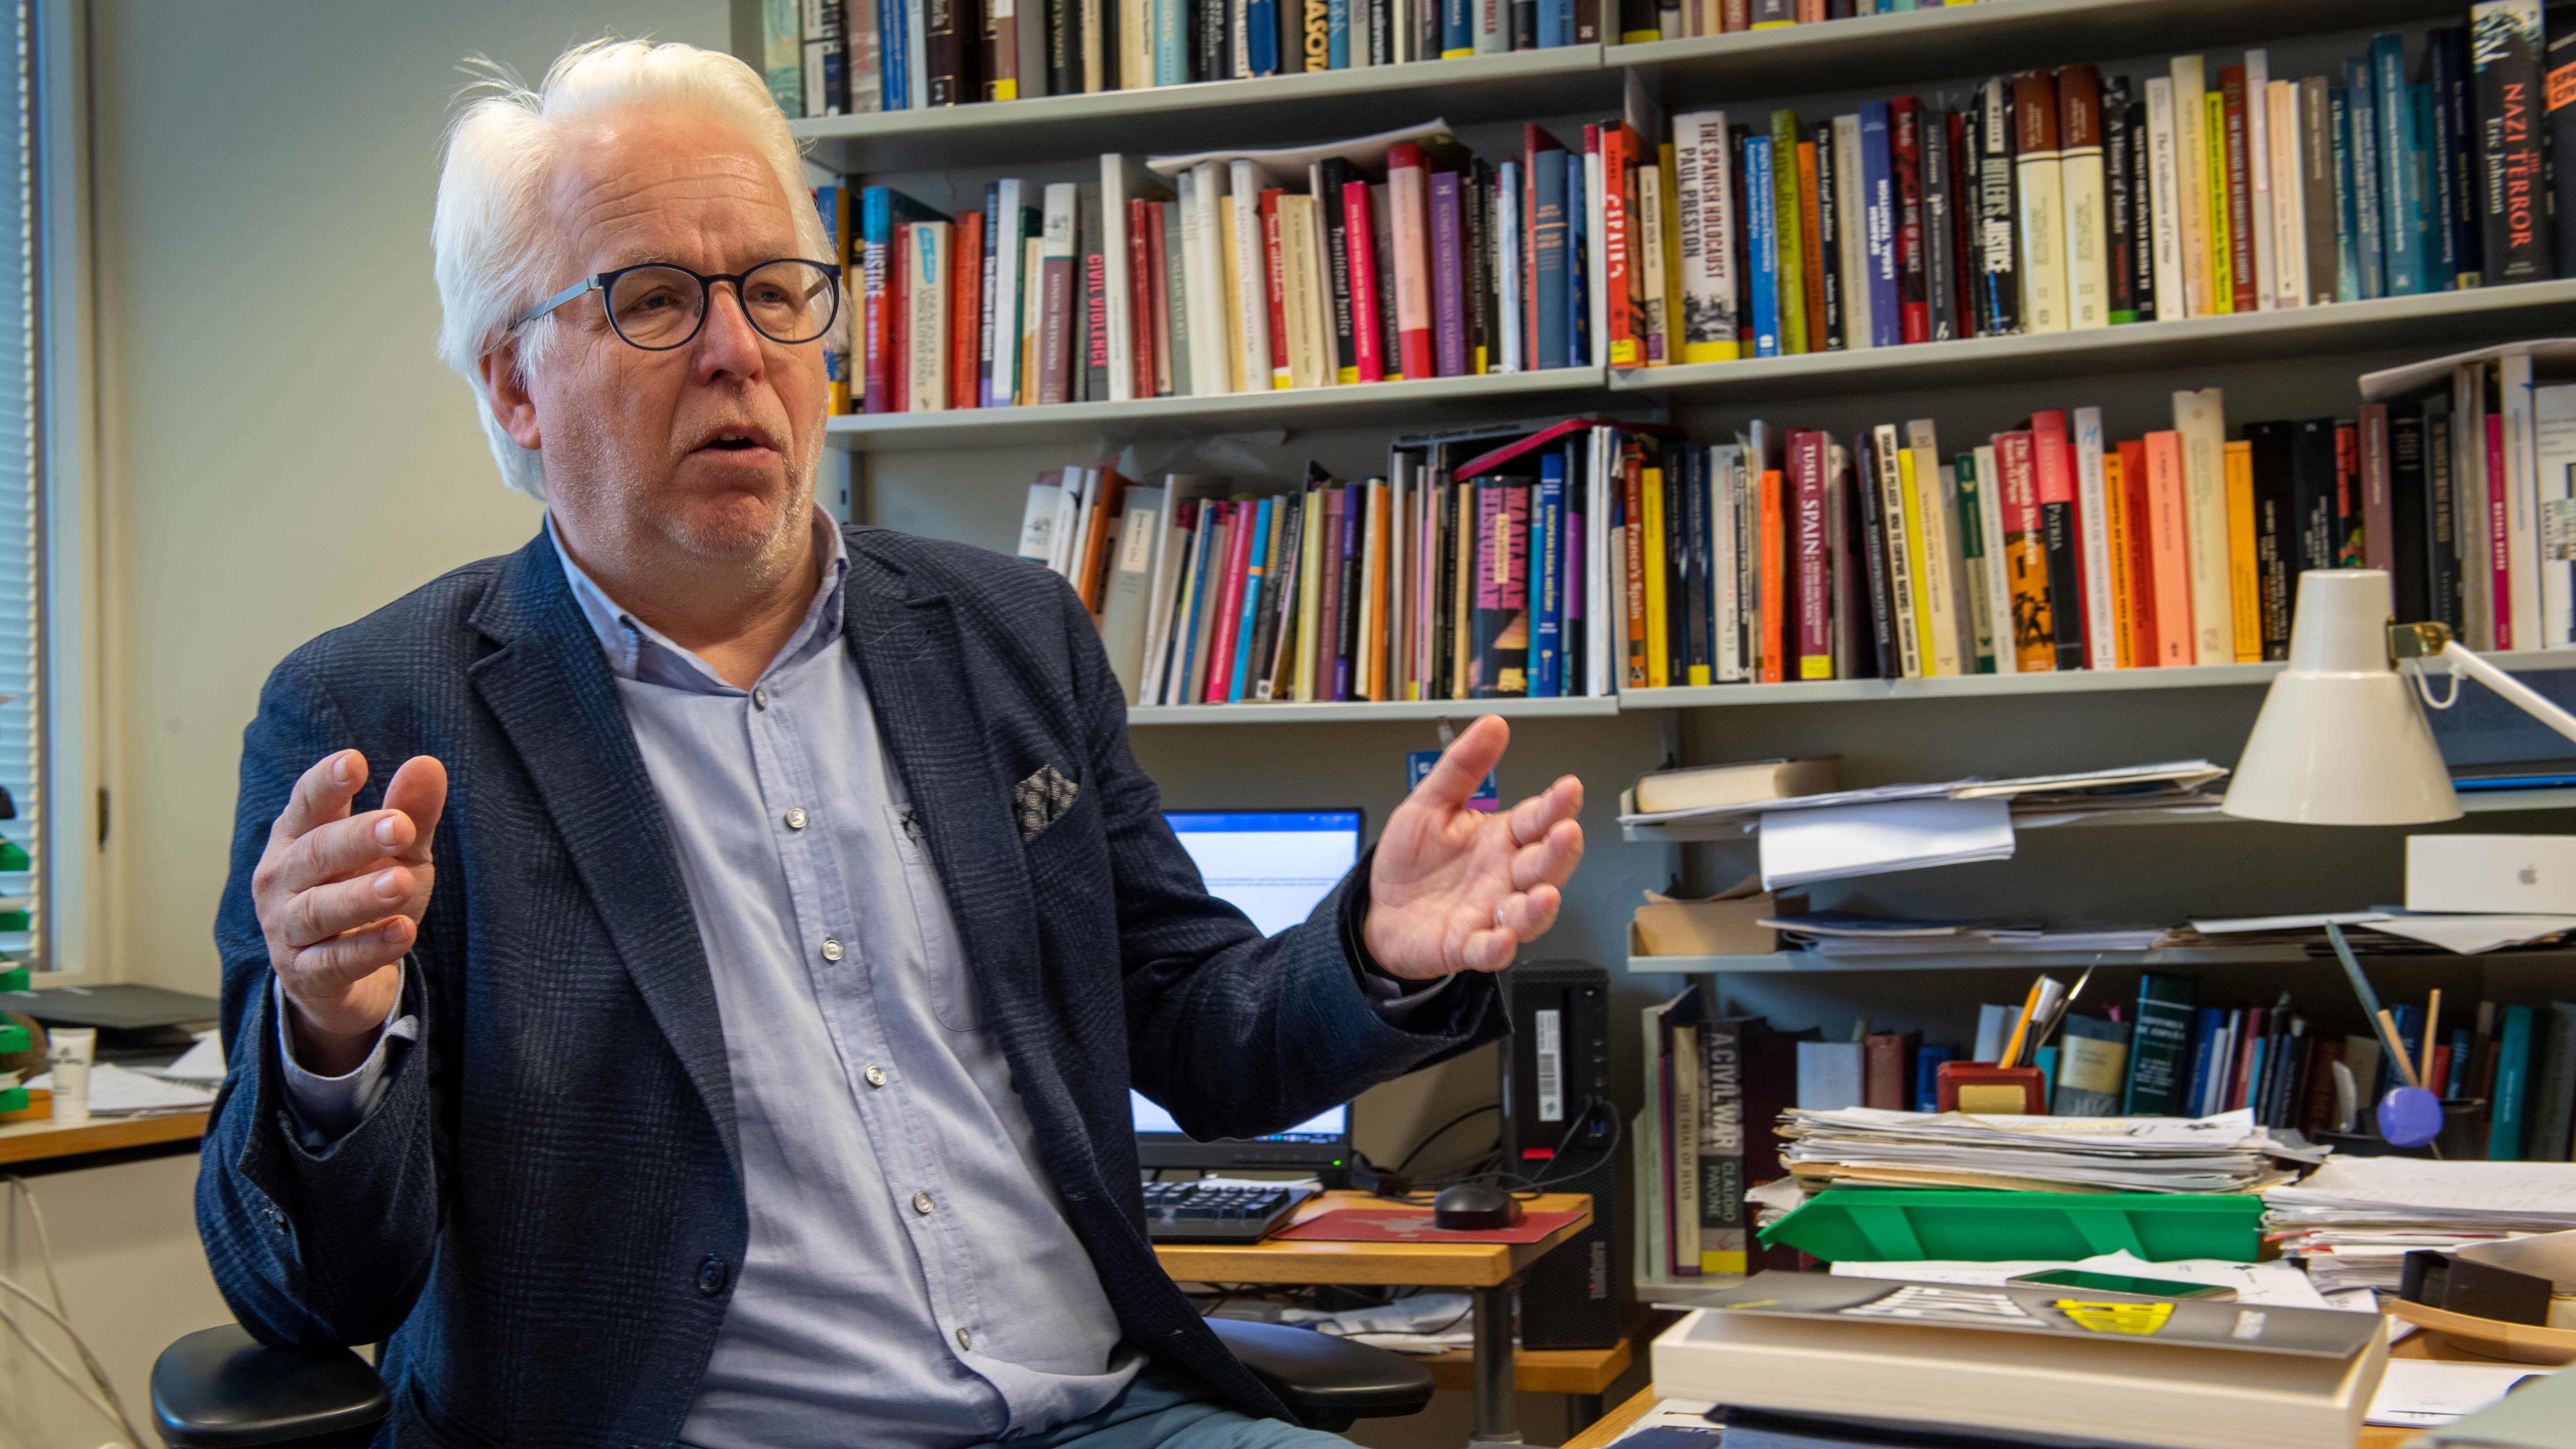 Oikeushistorian ja roomalaisen oikeuden professori Jukka Kekkonen Helsingin yliopistossa.